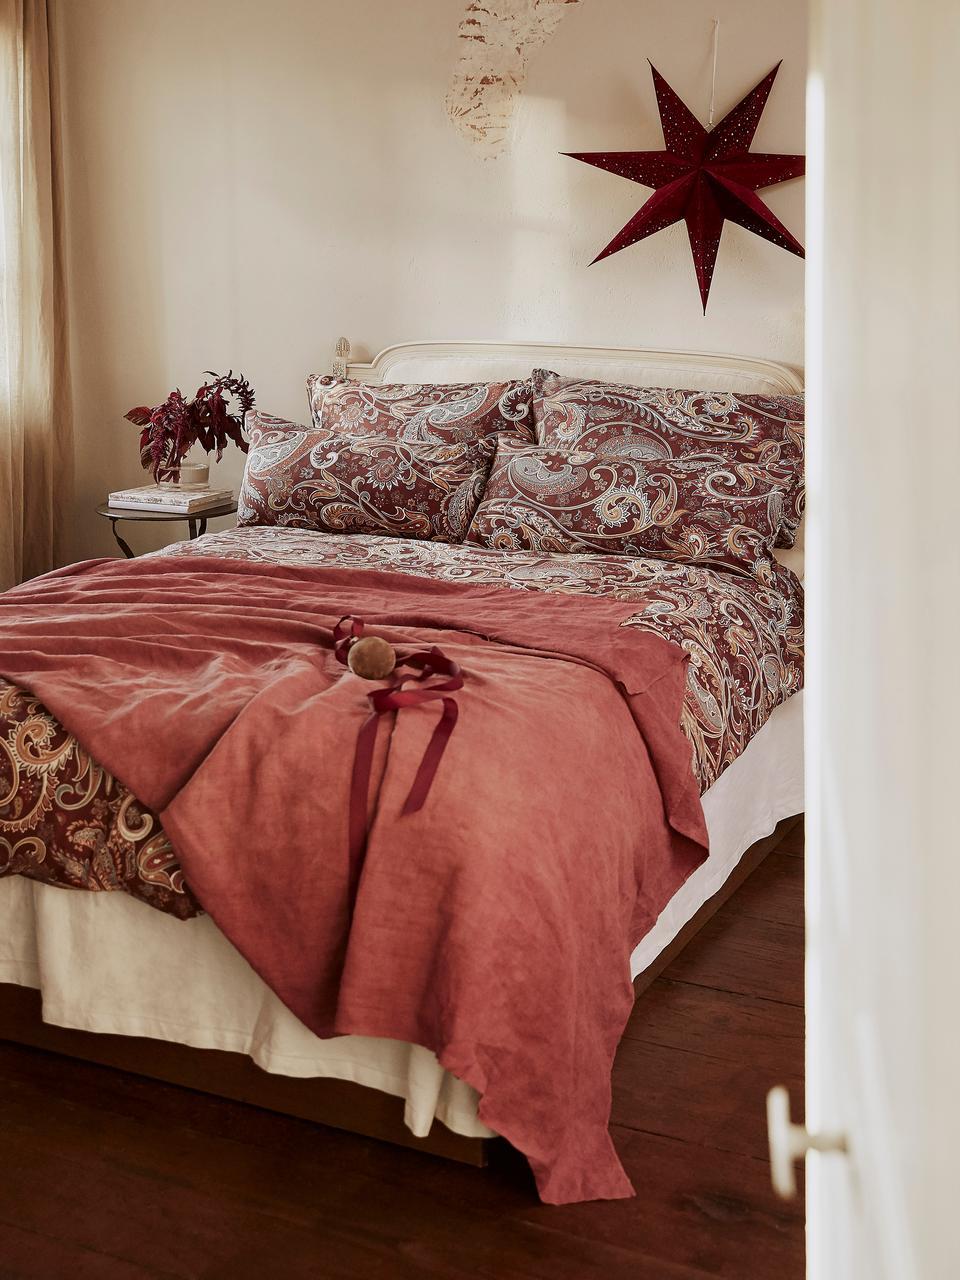 Pościel z bawełny Liana, Bordowy, 240 x 220 cm + 2 poduszki 80 x 80 cm